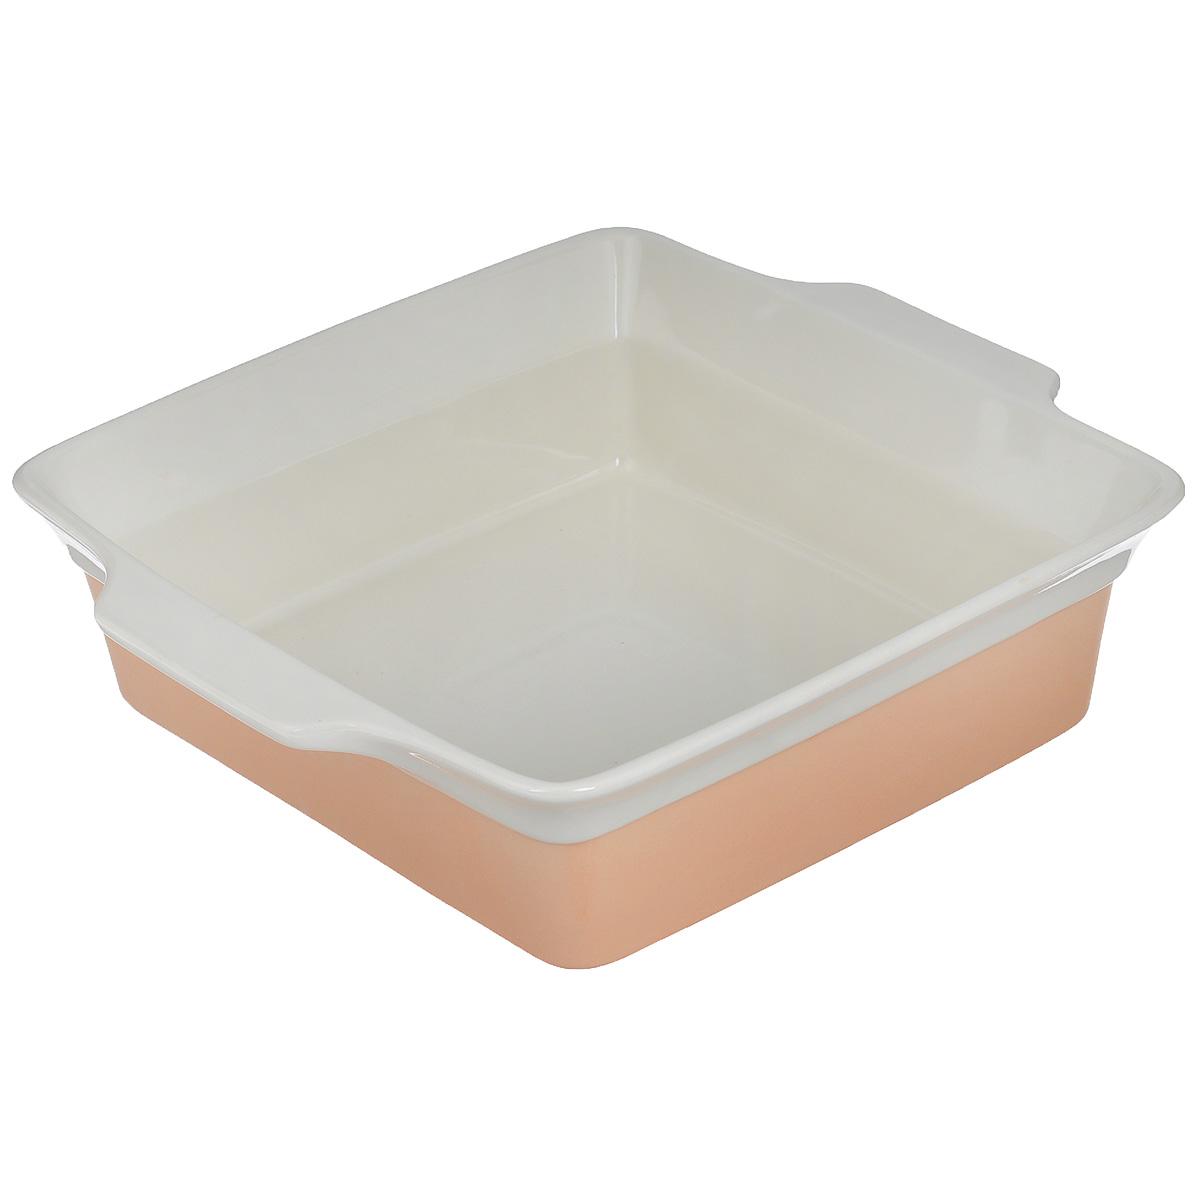 Форма для выпечки Mayer & Boch, прямоугольная, цвет: персиковый, бежевый, 3,4 л21817Прямоугольная форма для выпечки Mayer & Boch изготовленная из жаропрочнойкерамики, подходит для любого вида пищи. Элегантный дизайн идеально подходит длясовременного дома.Изделия из керамики идеально подходят как для приготовления пищи, так и для подачи настол. Материал не содержит свинца и кадмия.С такой формой вы всегда сможете порадовать своих близких оригинальным блюдом. Форму можно использовать на газовой, электрической плите и в микроволновой печи.Можно мыть в посудомоечной машине.